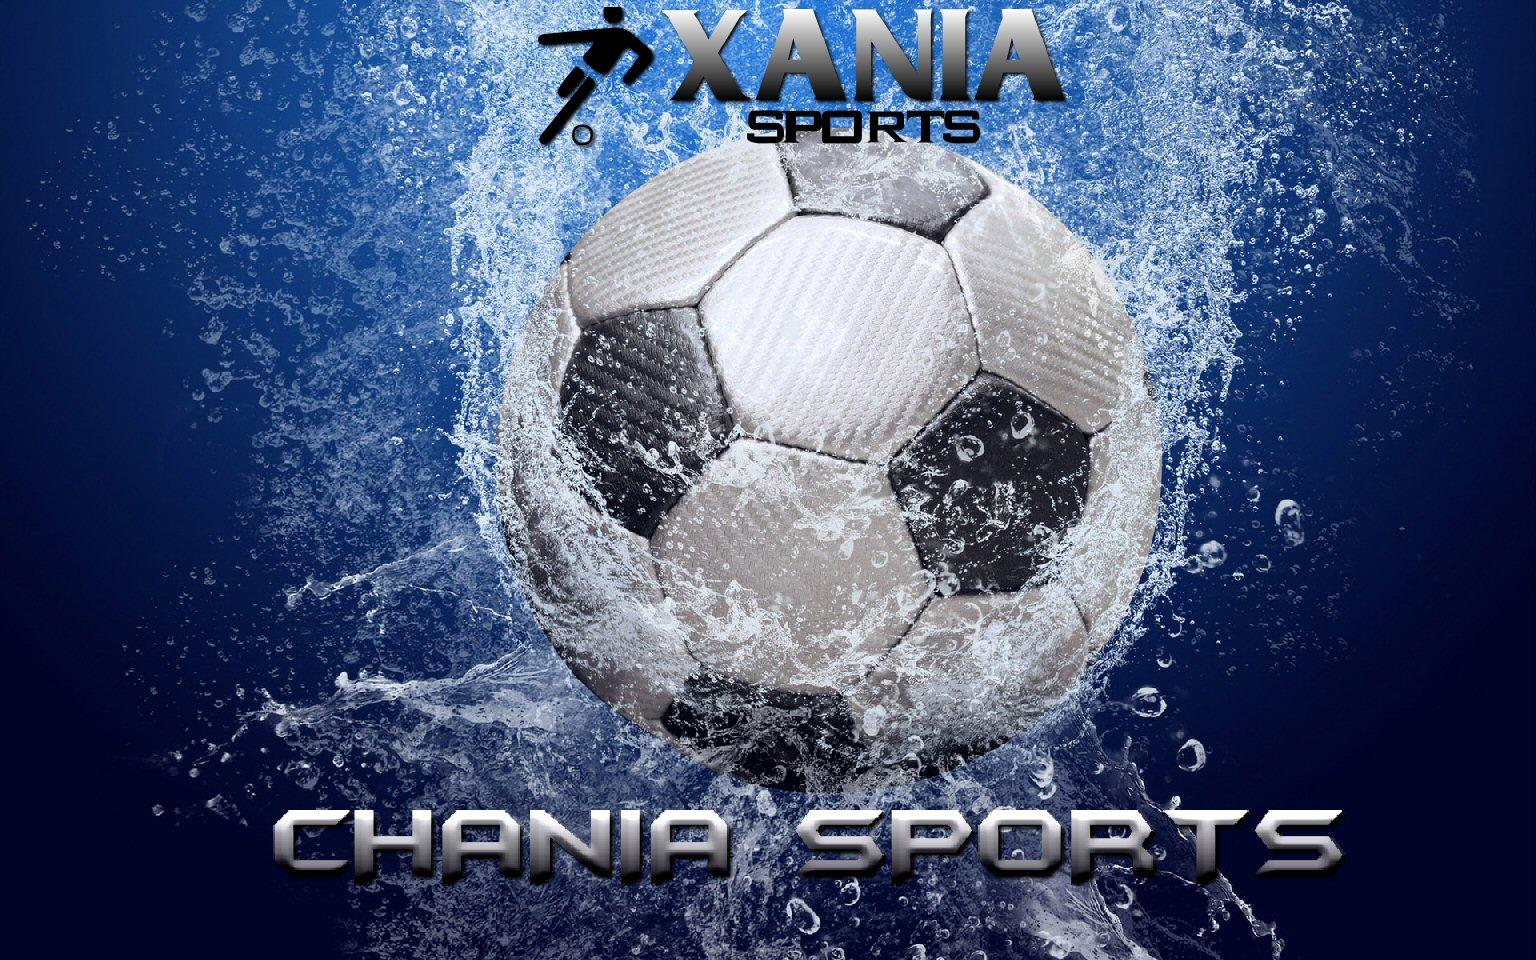 Chania Sports: Στην τελική ευθεία για το πρώτο εκατομμύριο